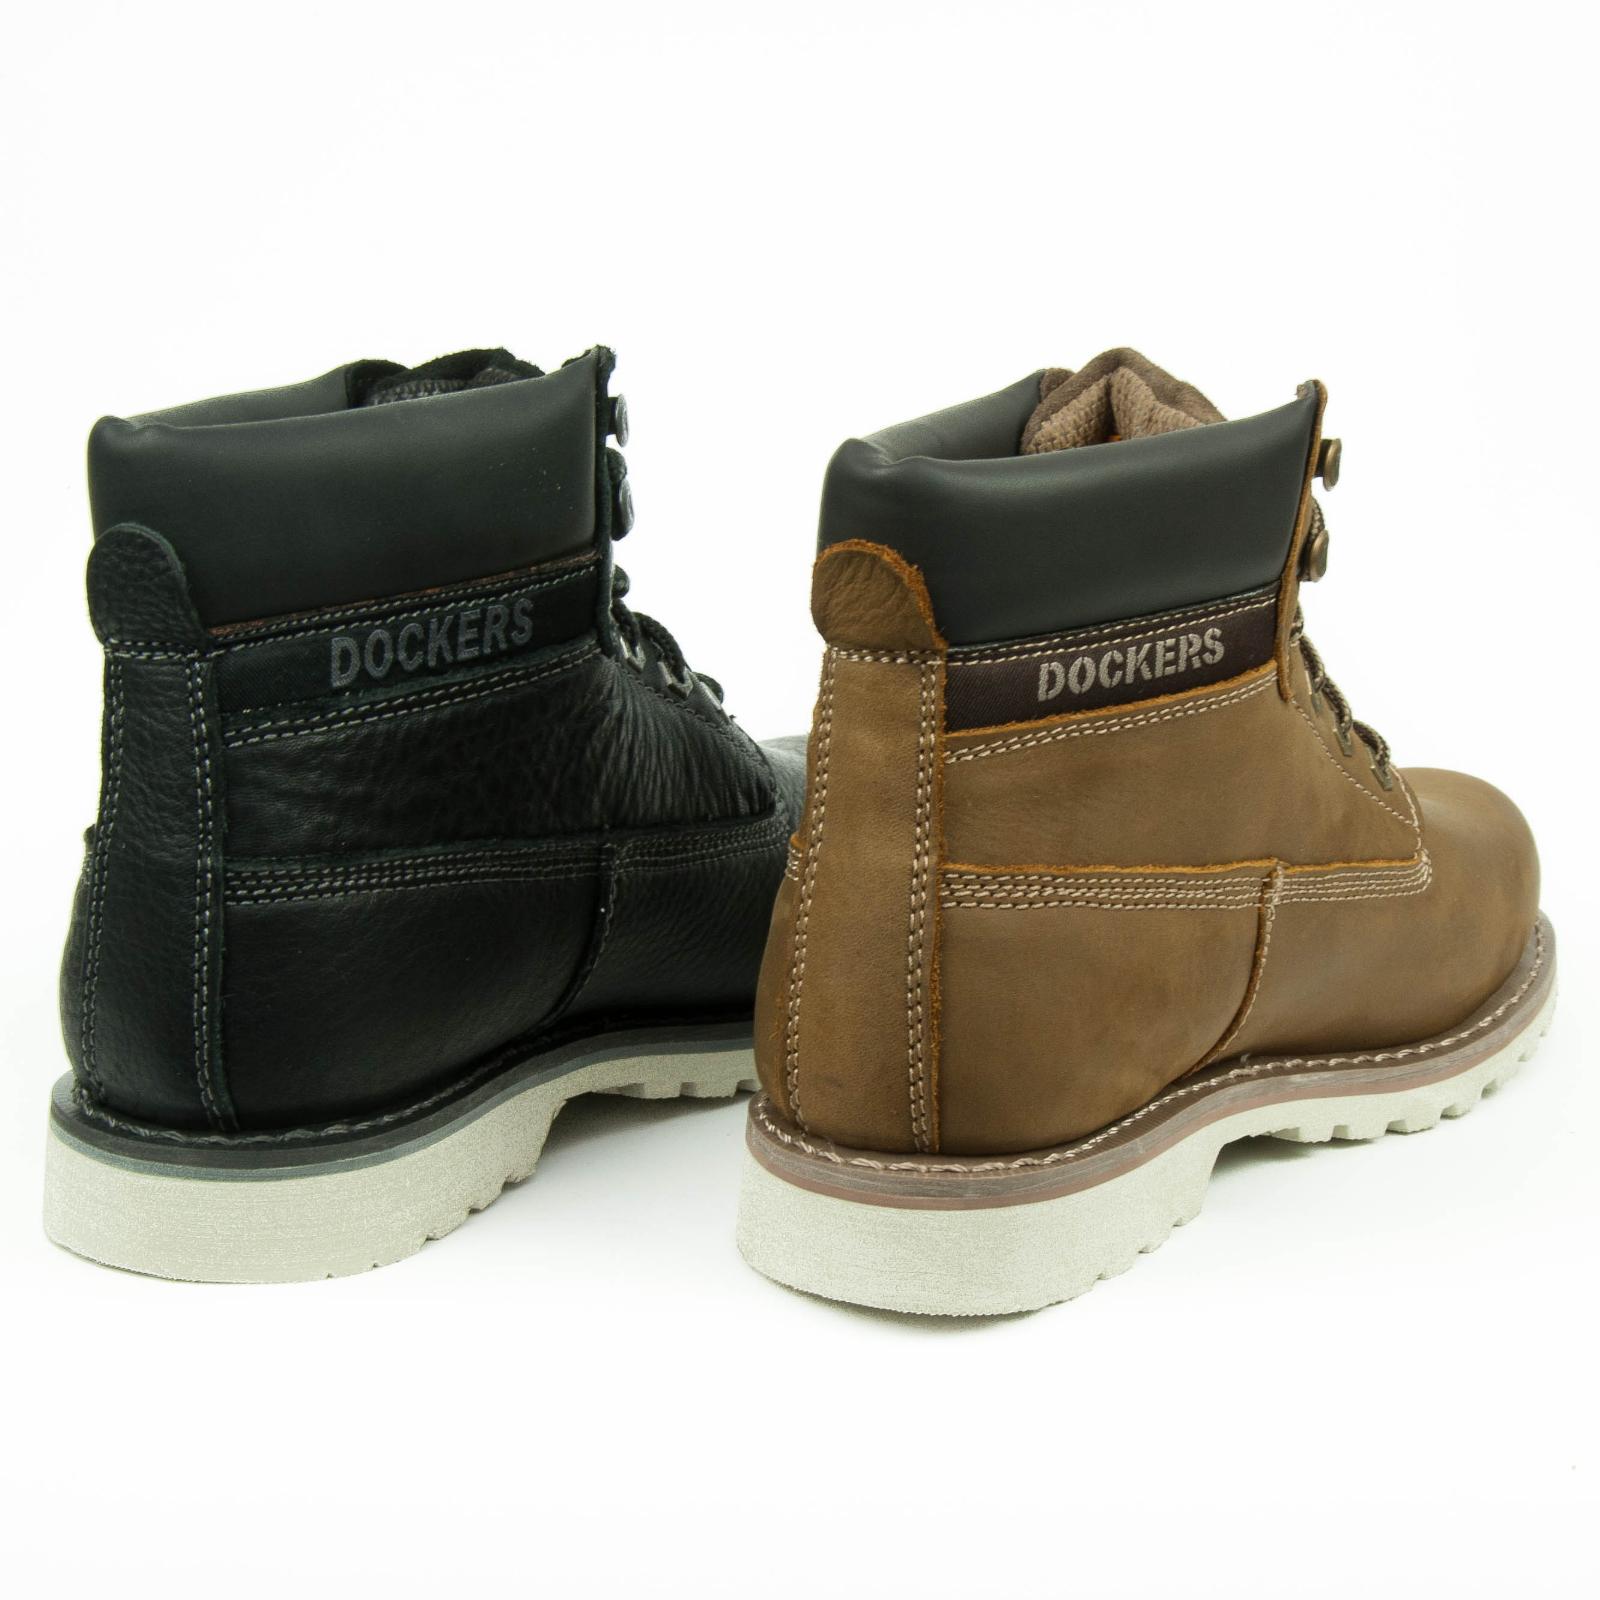 dockers herren boots leder schuhe schn rstiefel 33cr001 ebay. Black Bedroom Furniture Sets. Home Design Ideas